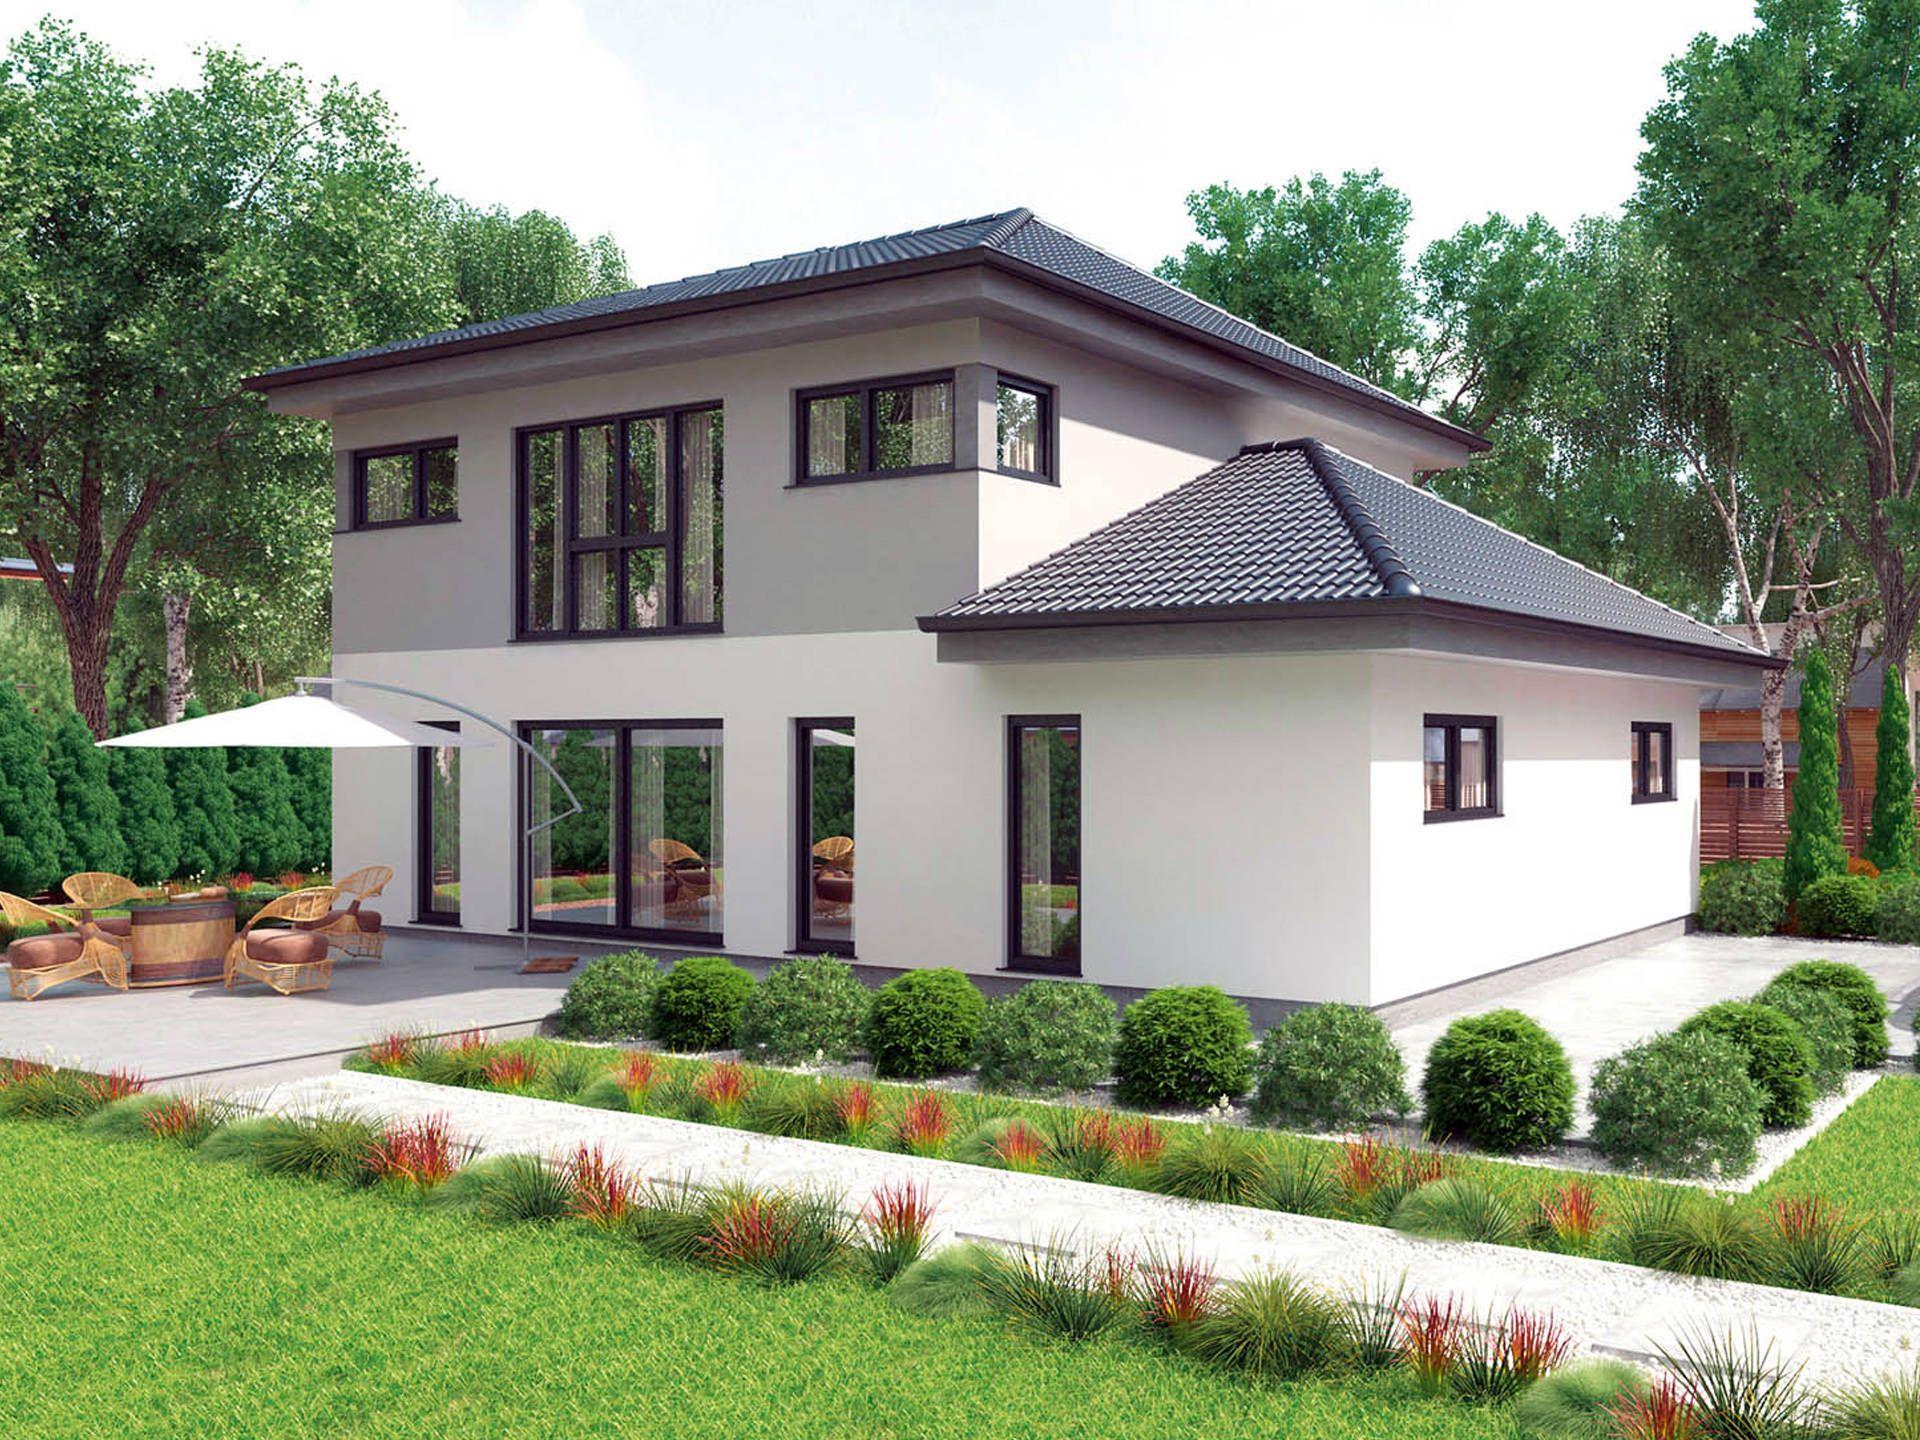 Musterhaus grundrisse haus  Typenhaus Comfort 190 W • Mehrgenerationenhaus von HARTL Haus ...